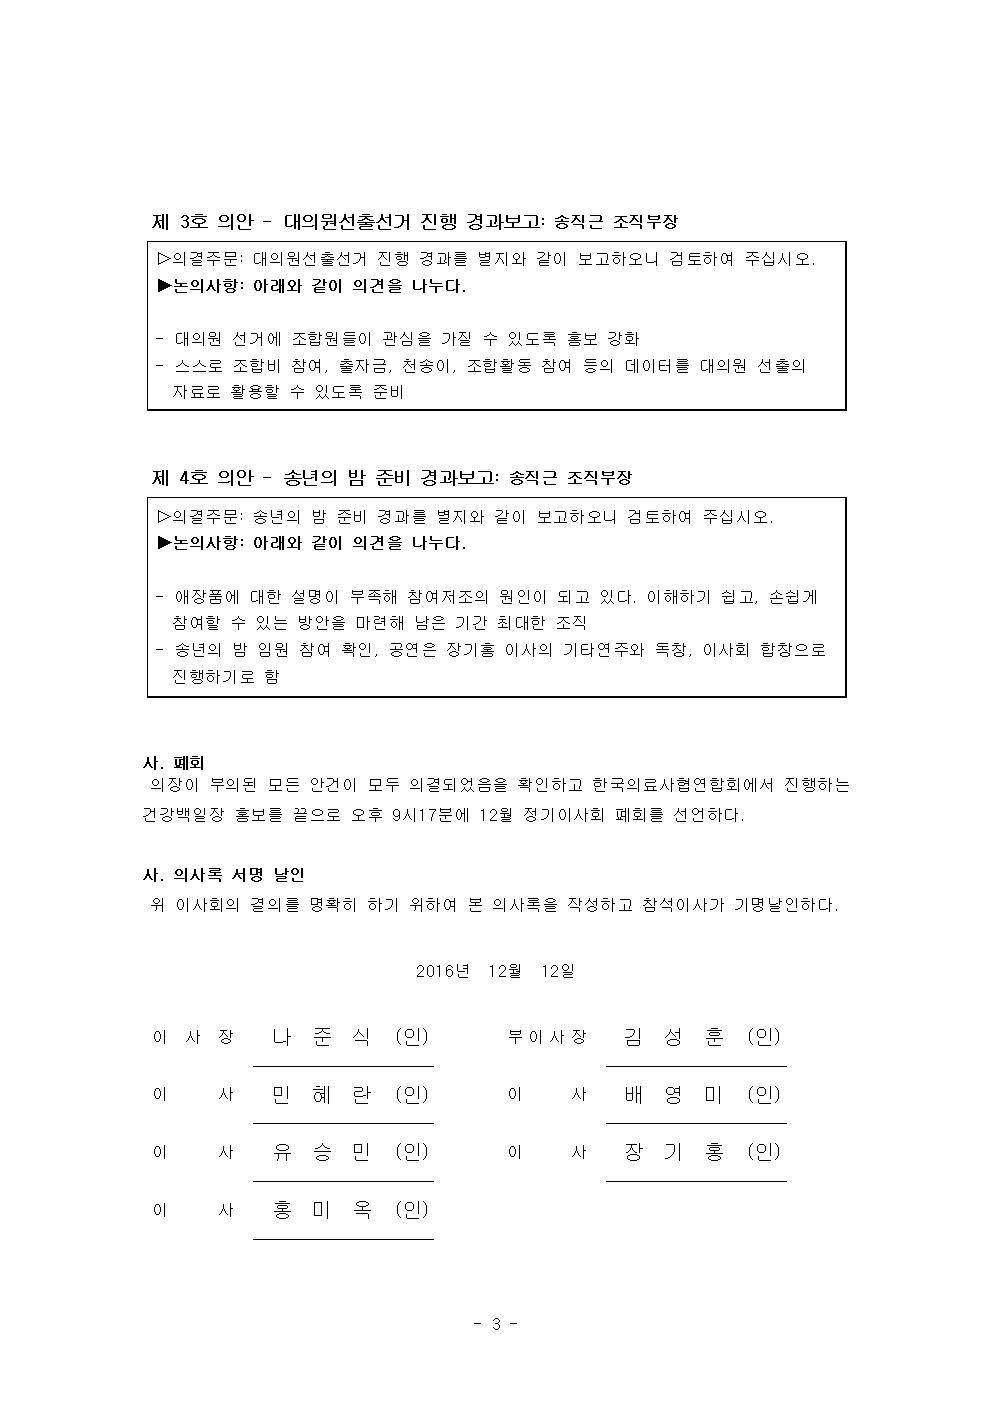 12월 정기이사회004.jpg